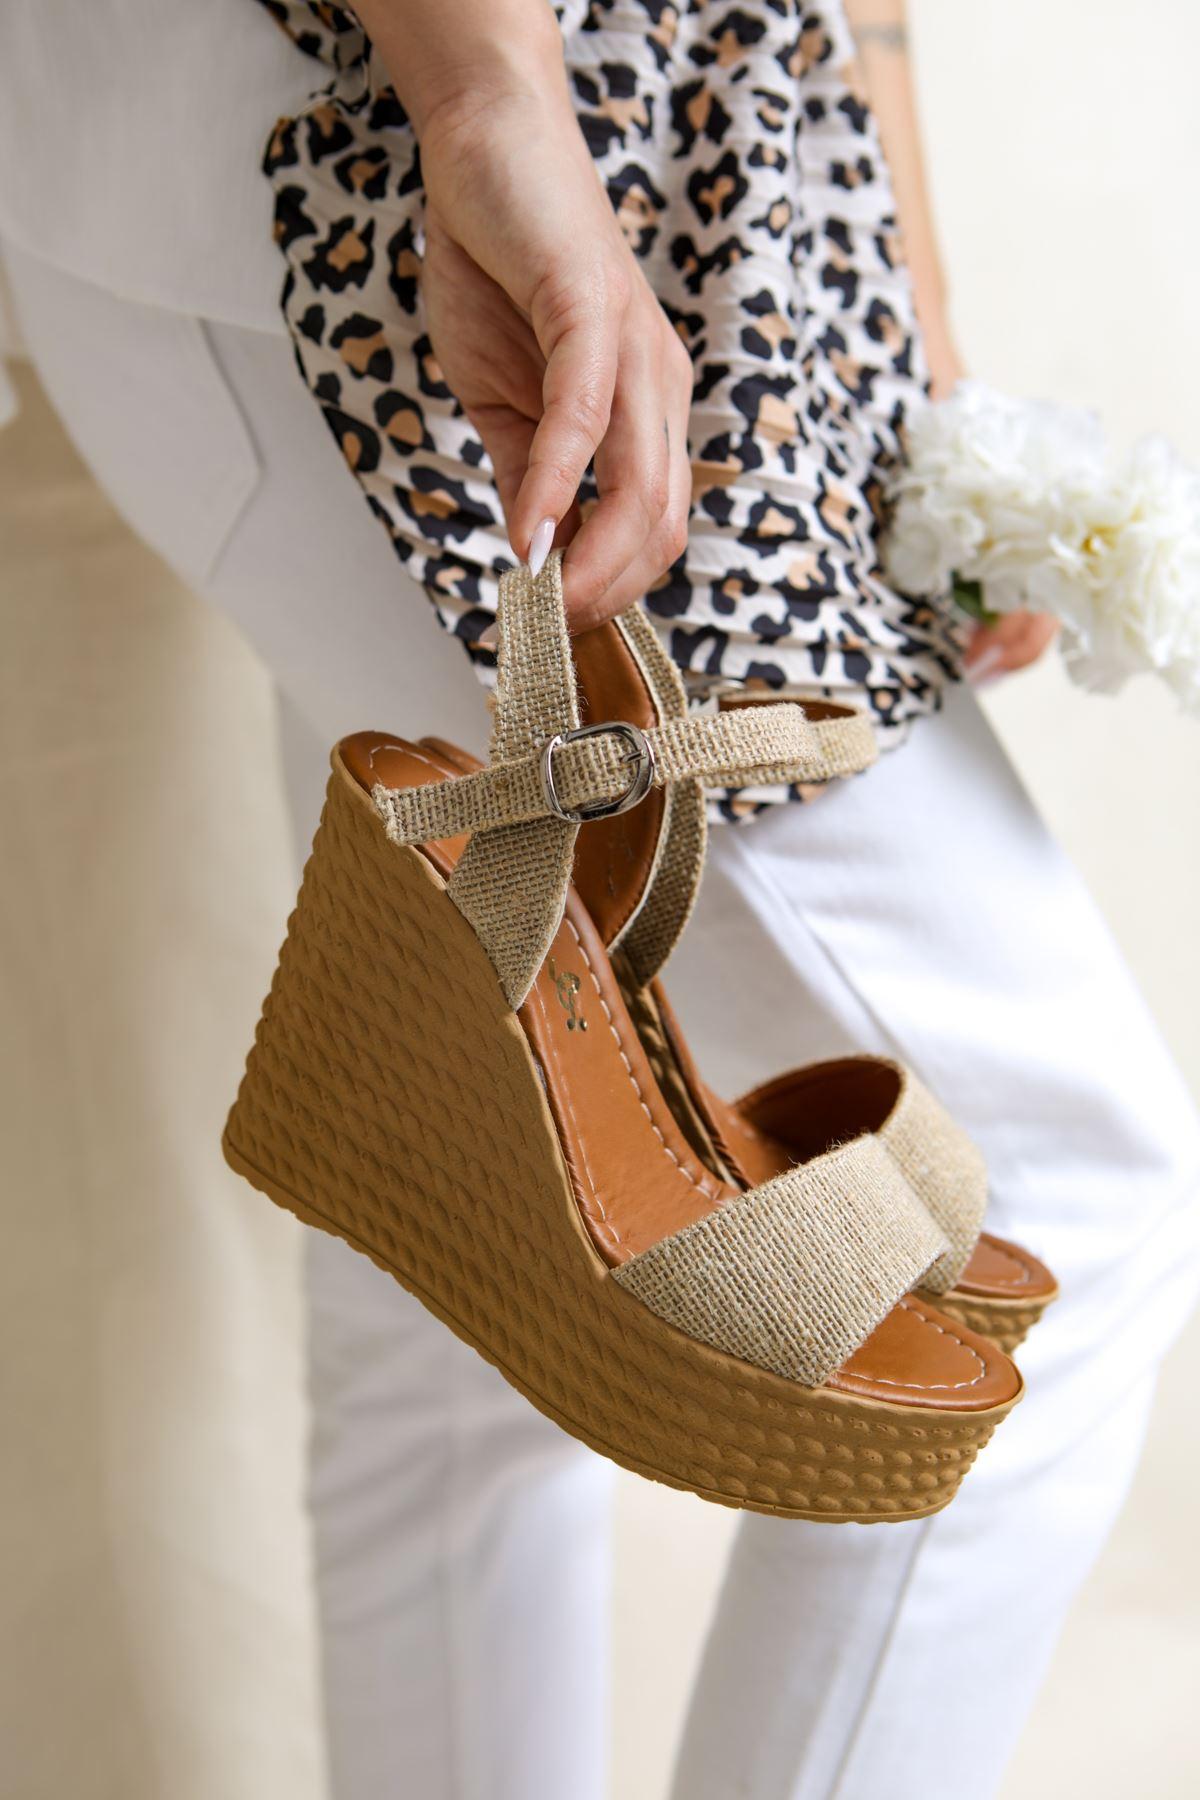 Angie Hasır Dolgu Topuk Kadın Ayakkabı